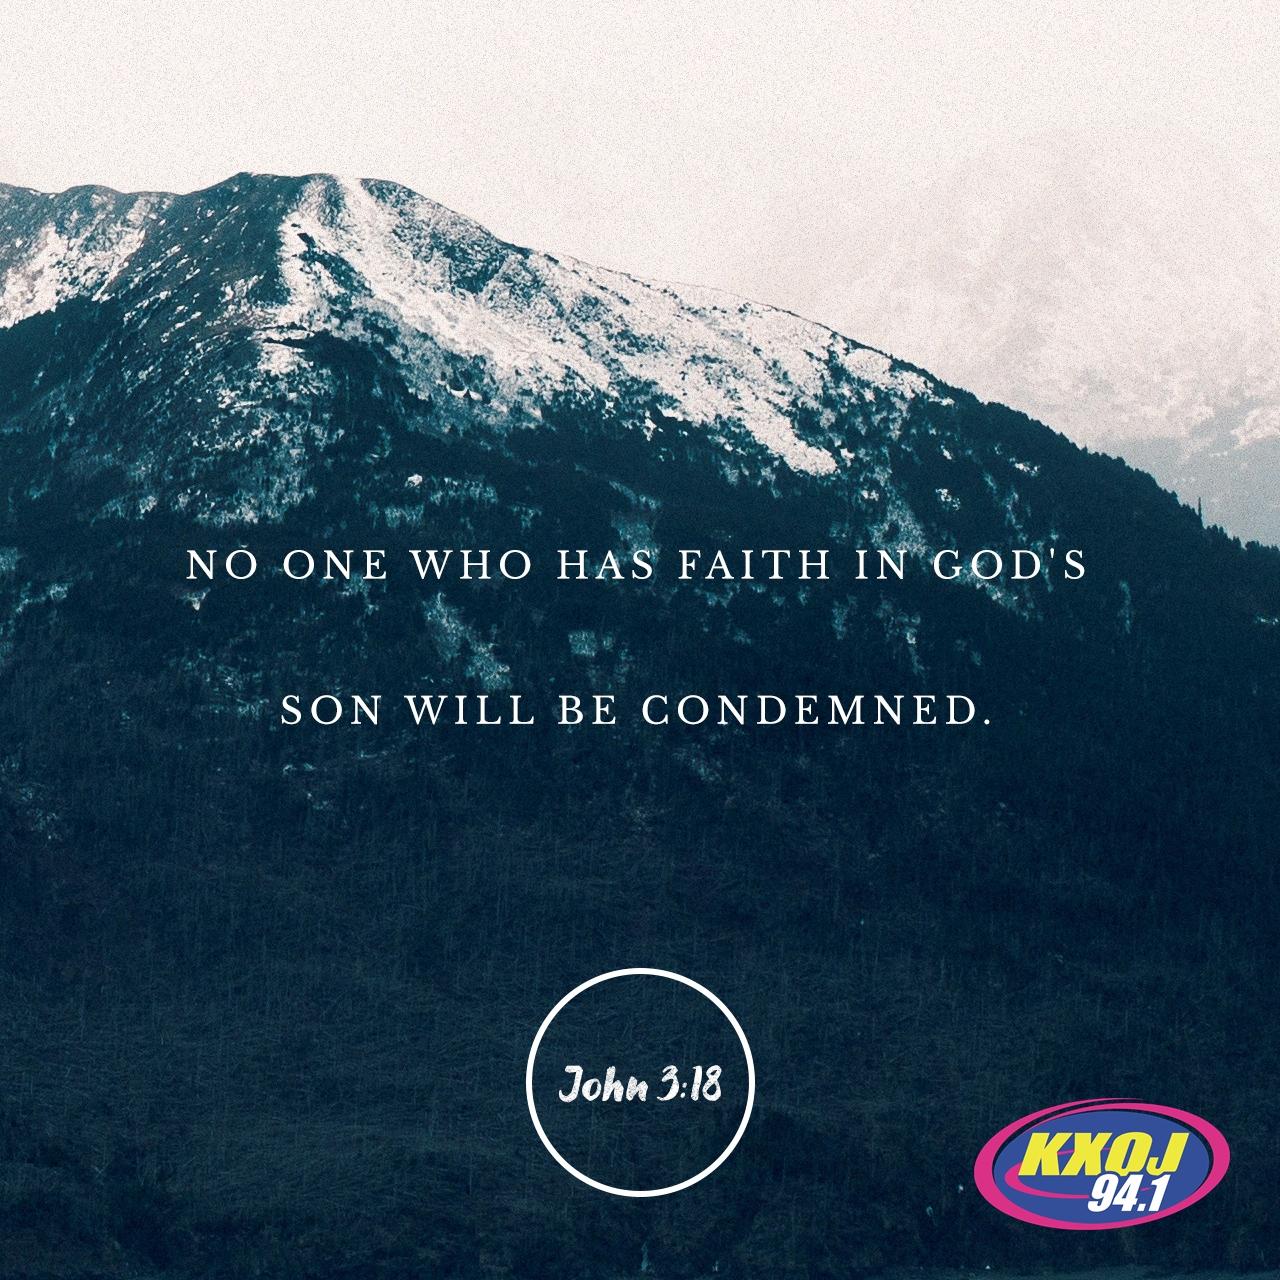 August 3rd - John 3:18